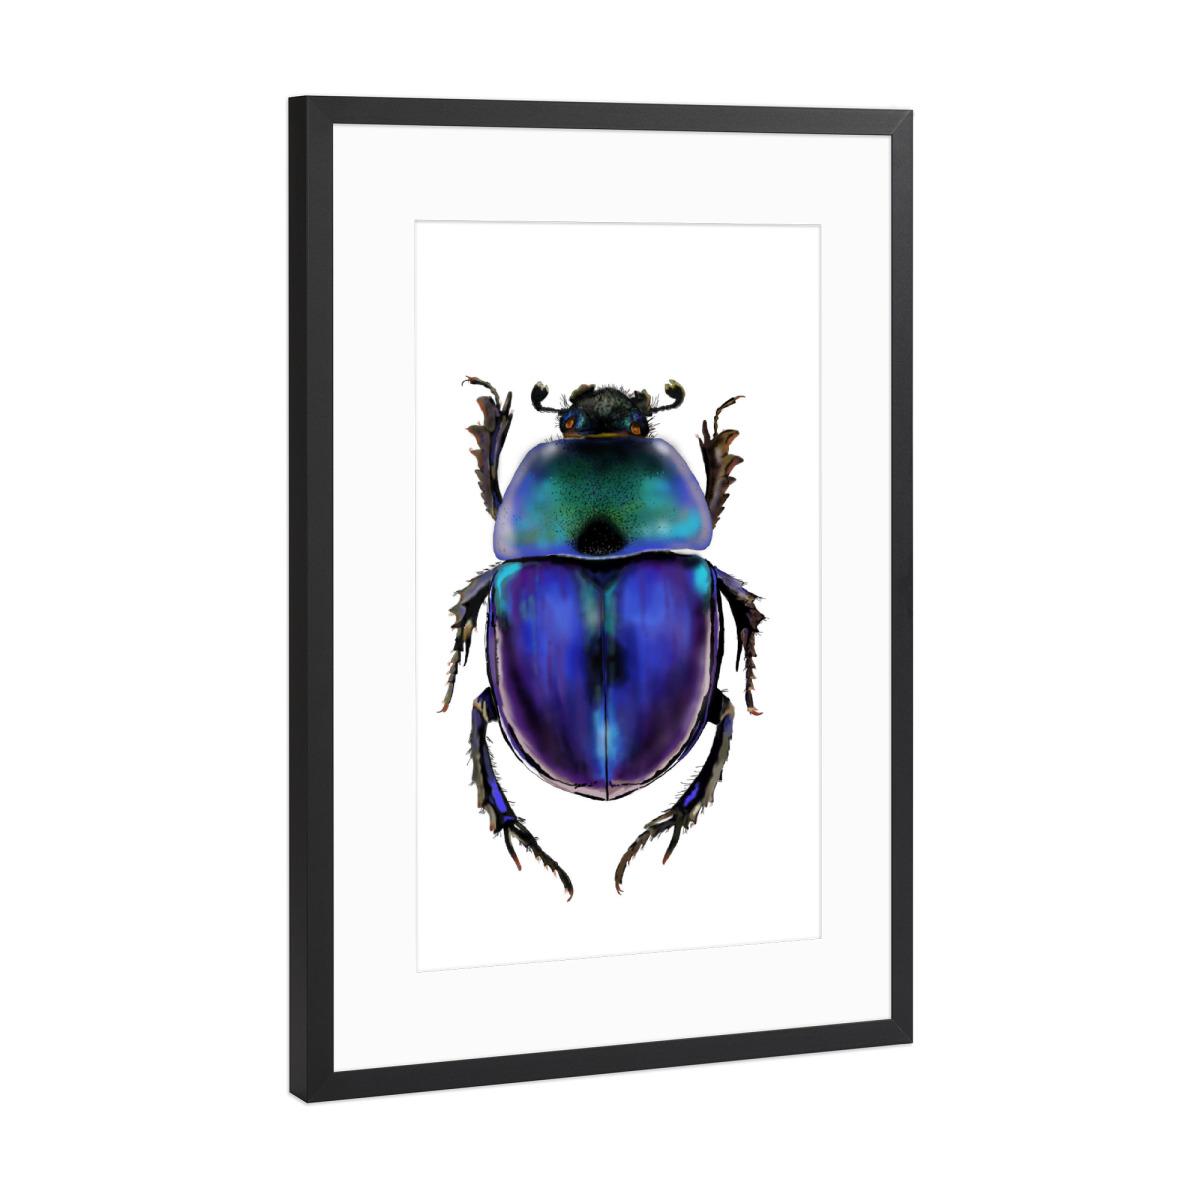 Käfer als Gerahmt bei artboxONE kaufen